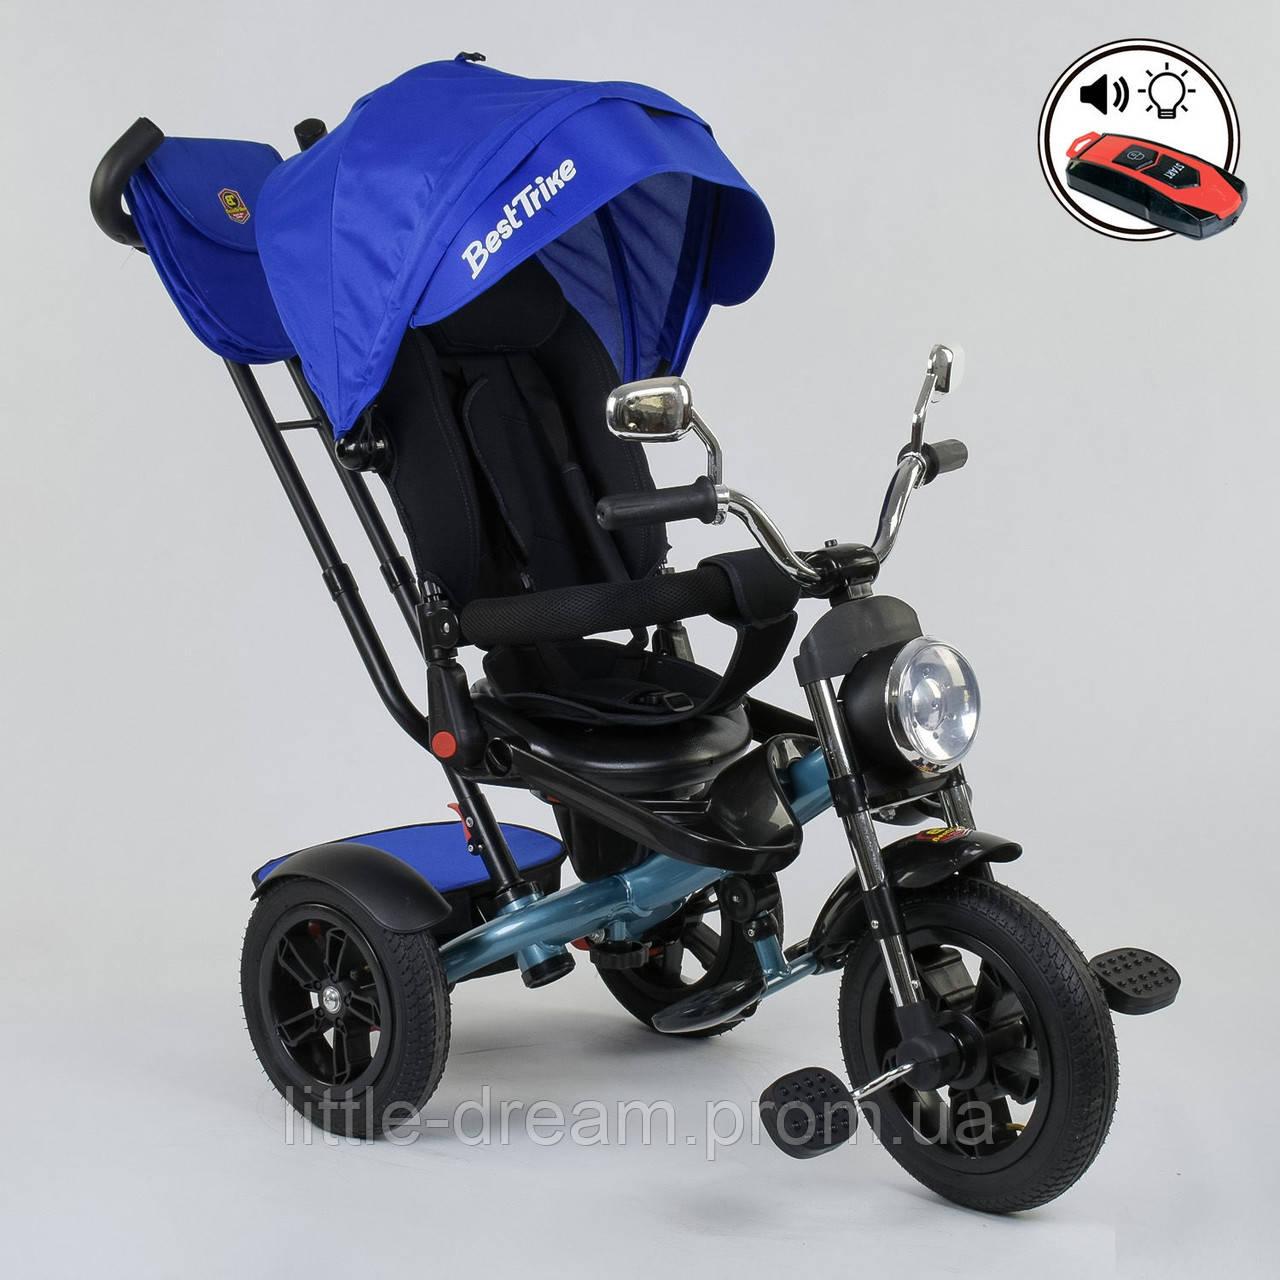 Велосипед 3-х колёсный Best Trike 4490 - 2761, поворотное сиденье, складной руль, русское озвучивание, надувные колеса, пульт включения звука и света